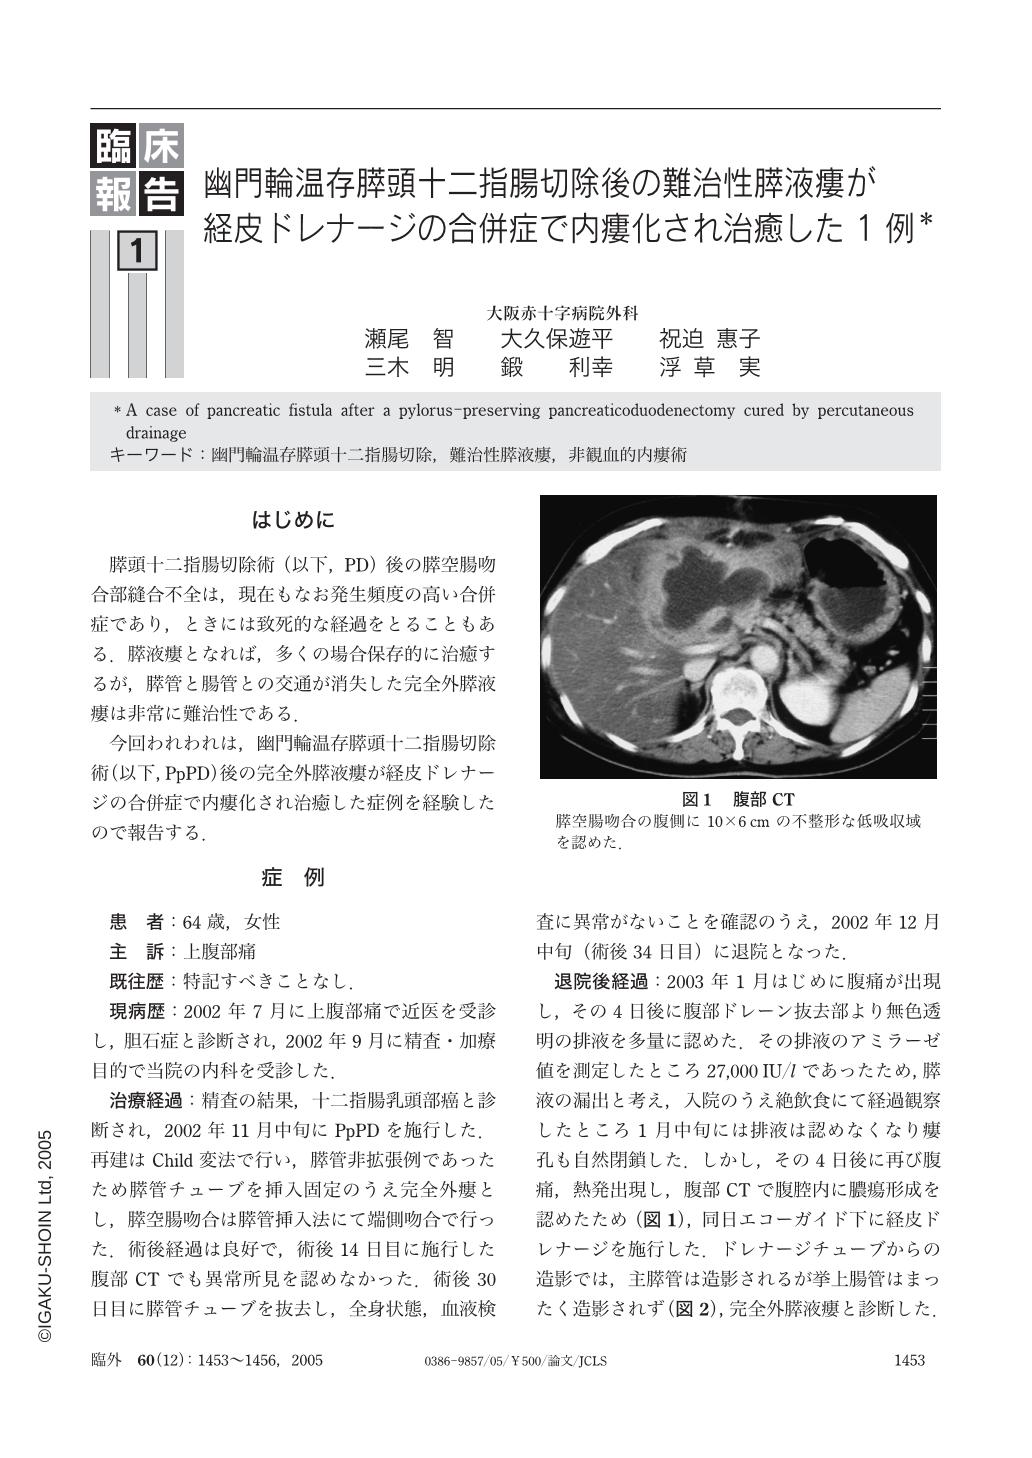 幽門輪温存膵頭十二指腸切除後の難治性膵液瘻が経皮 ...